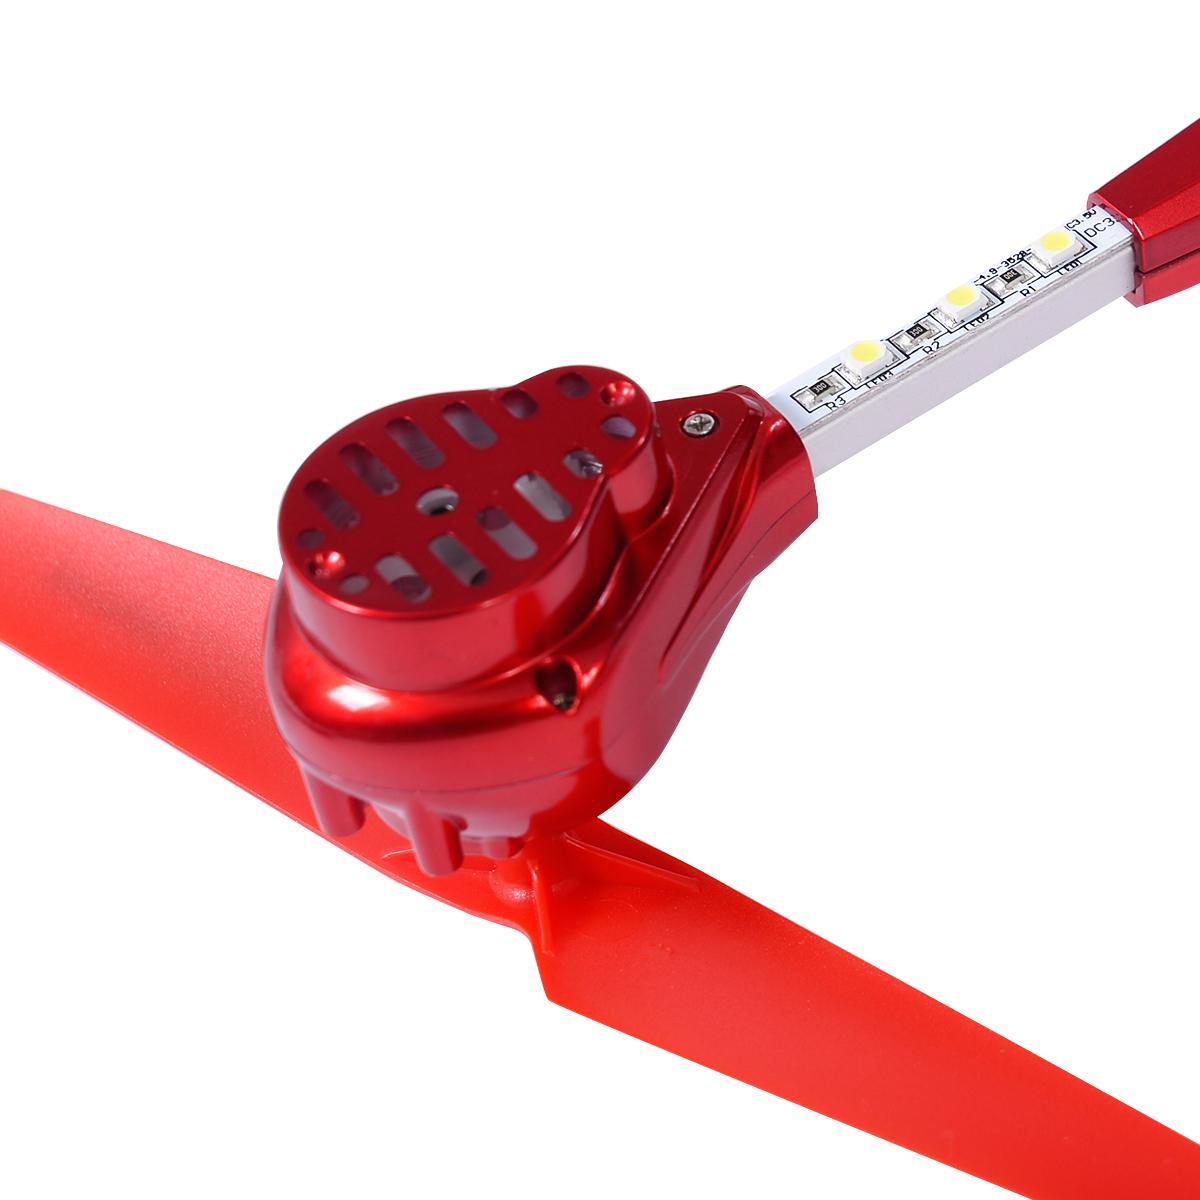 W609-10 4.5CH 2.4G Remote Control RTF Hexacopter w/ HD Camera